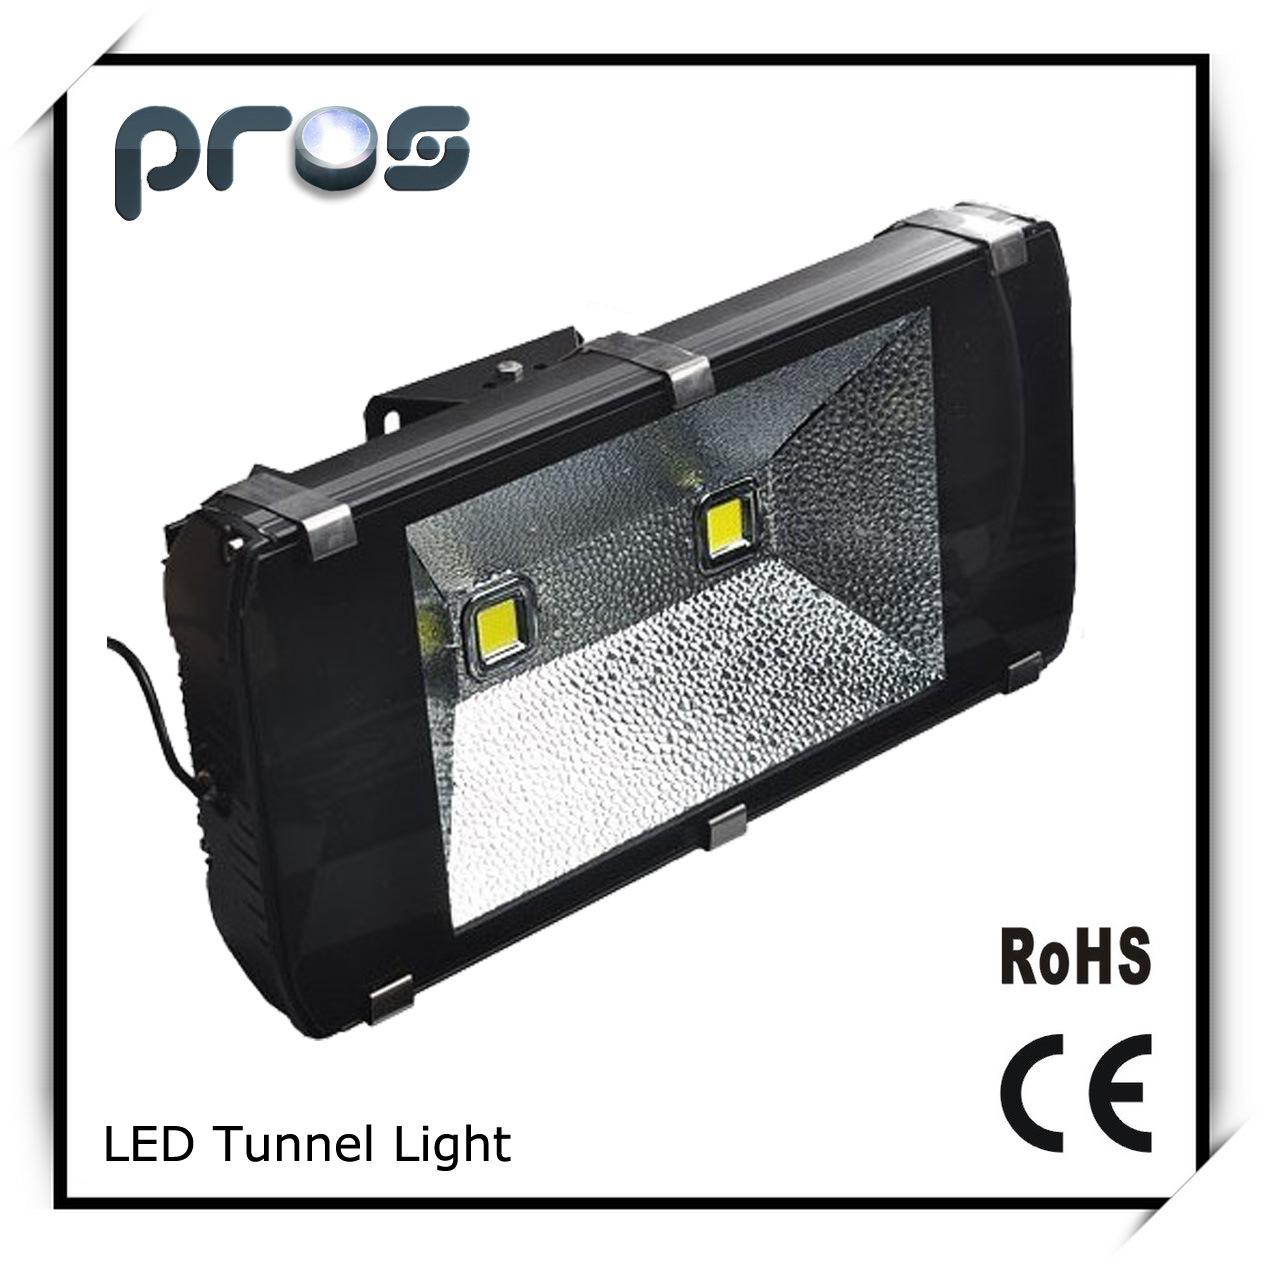 Super Brightness LED Flood Light Tunnel Floodlight IP65